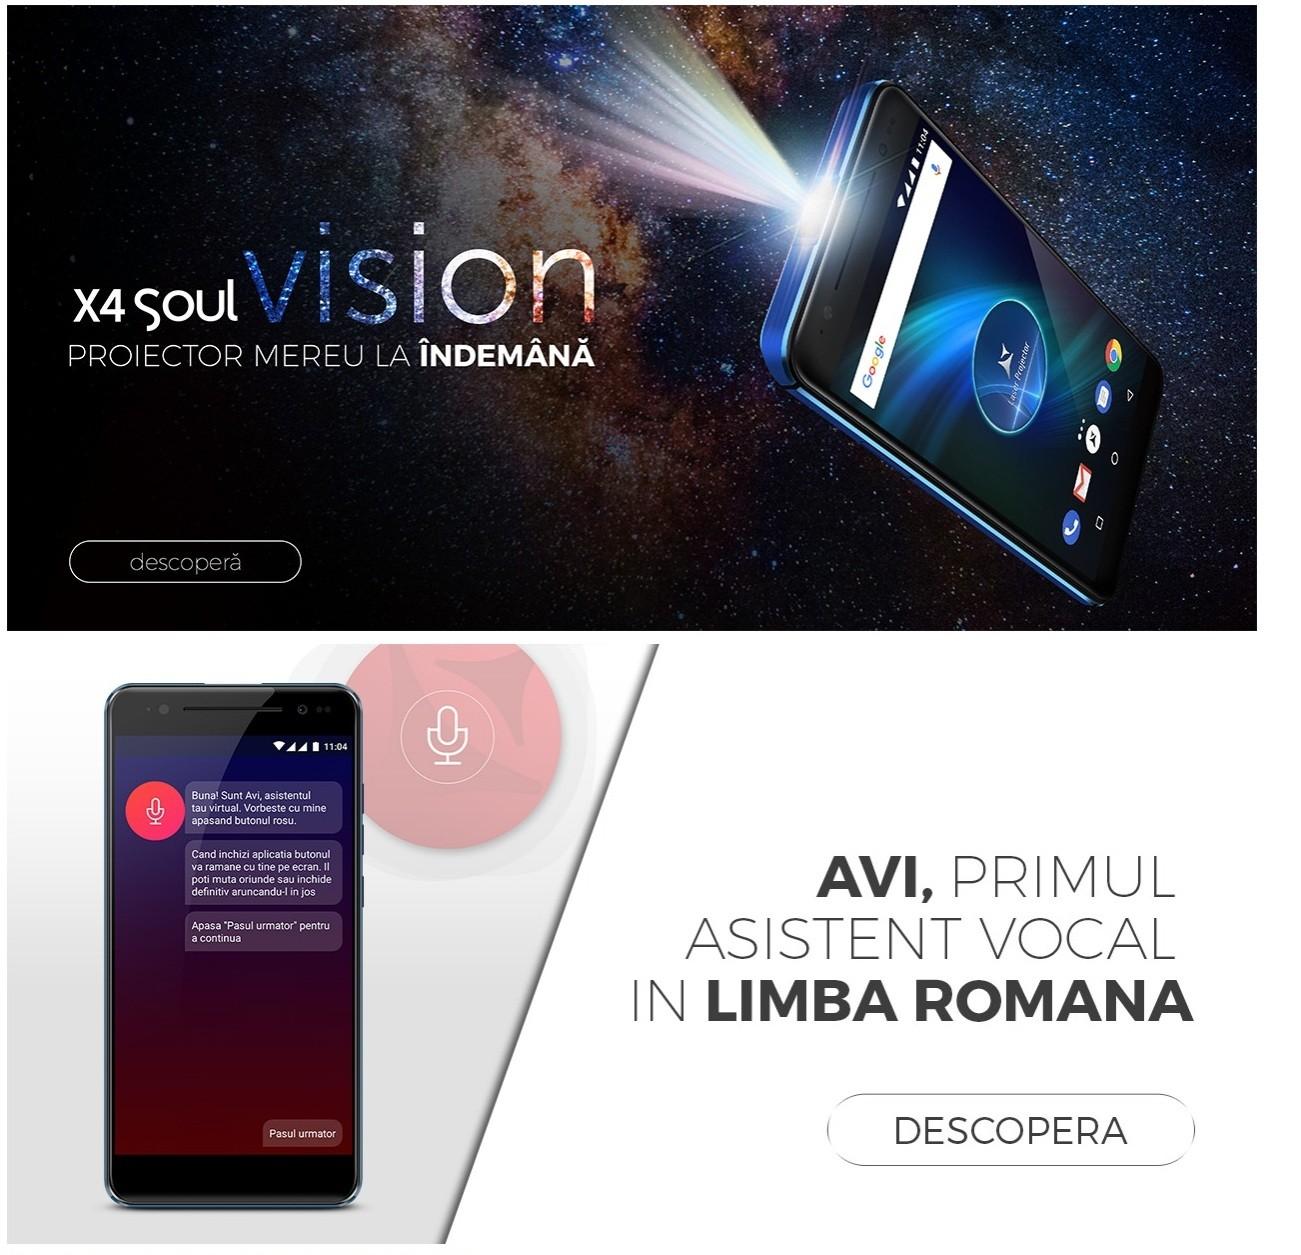 prezentare-x4-vision24533eb75f5c897a.jpg